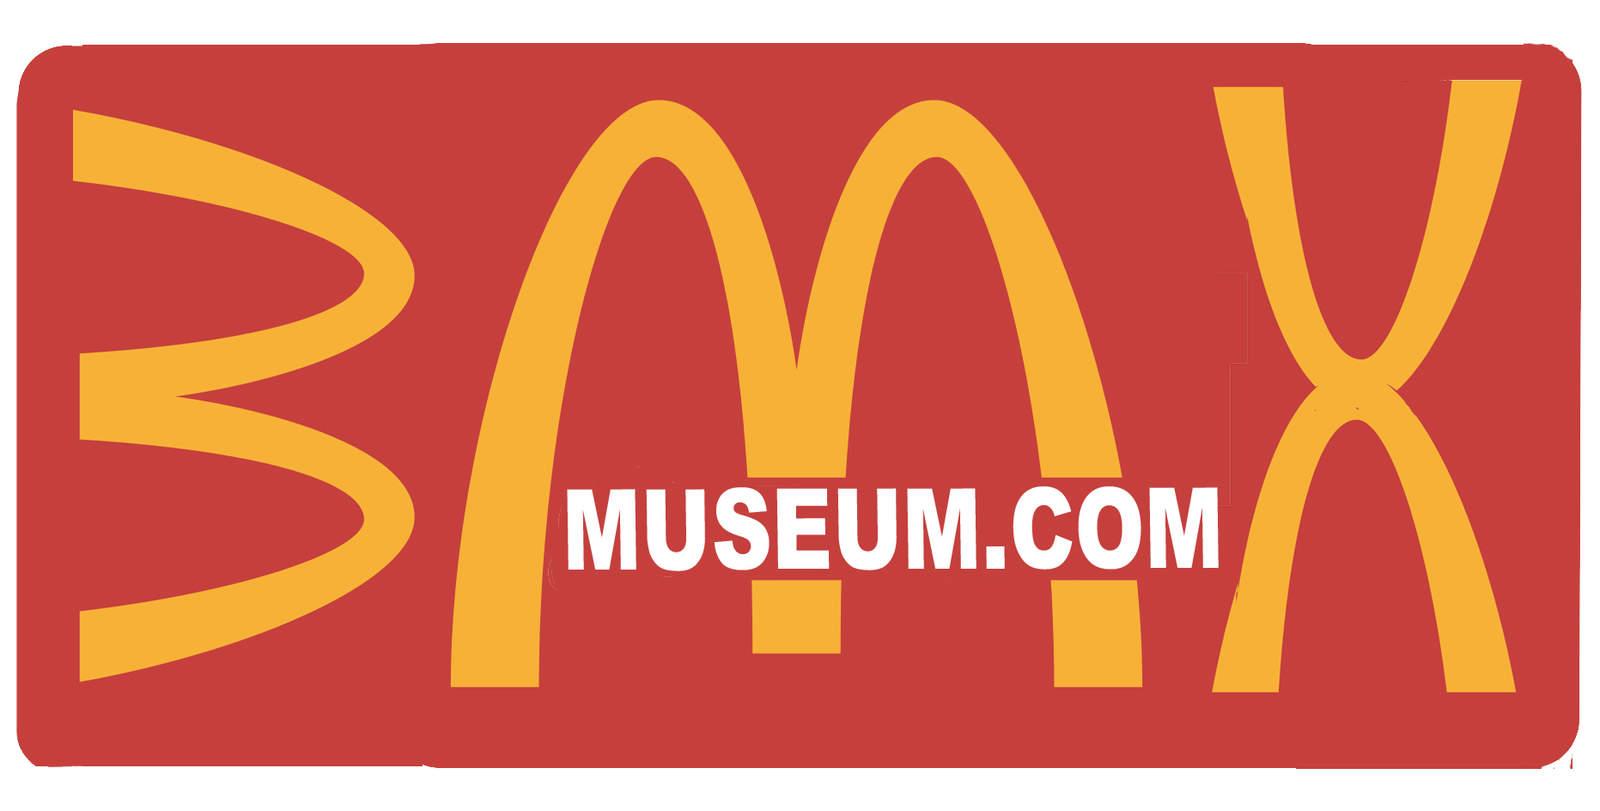 https://s3.amazonaws.com/uploads.bmxmuseum.com/user-images/28501/mcmuseum5ae044cea85b2feb9ac0.jpg